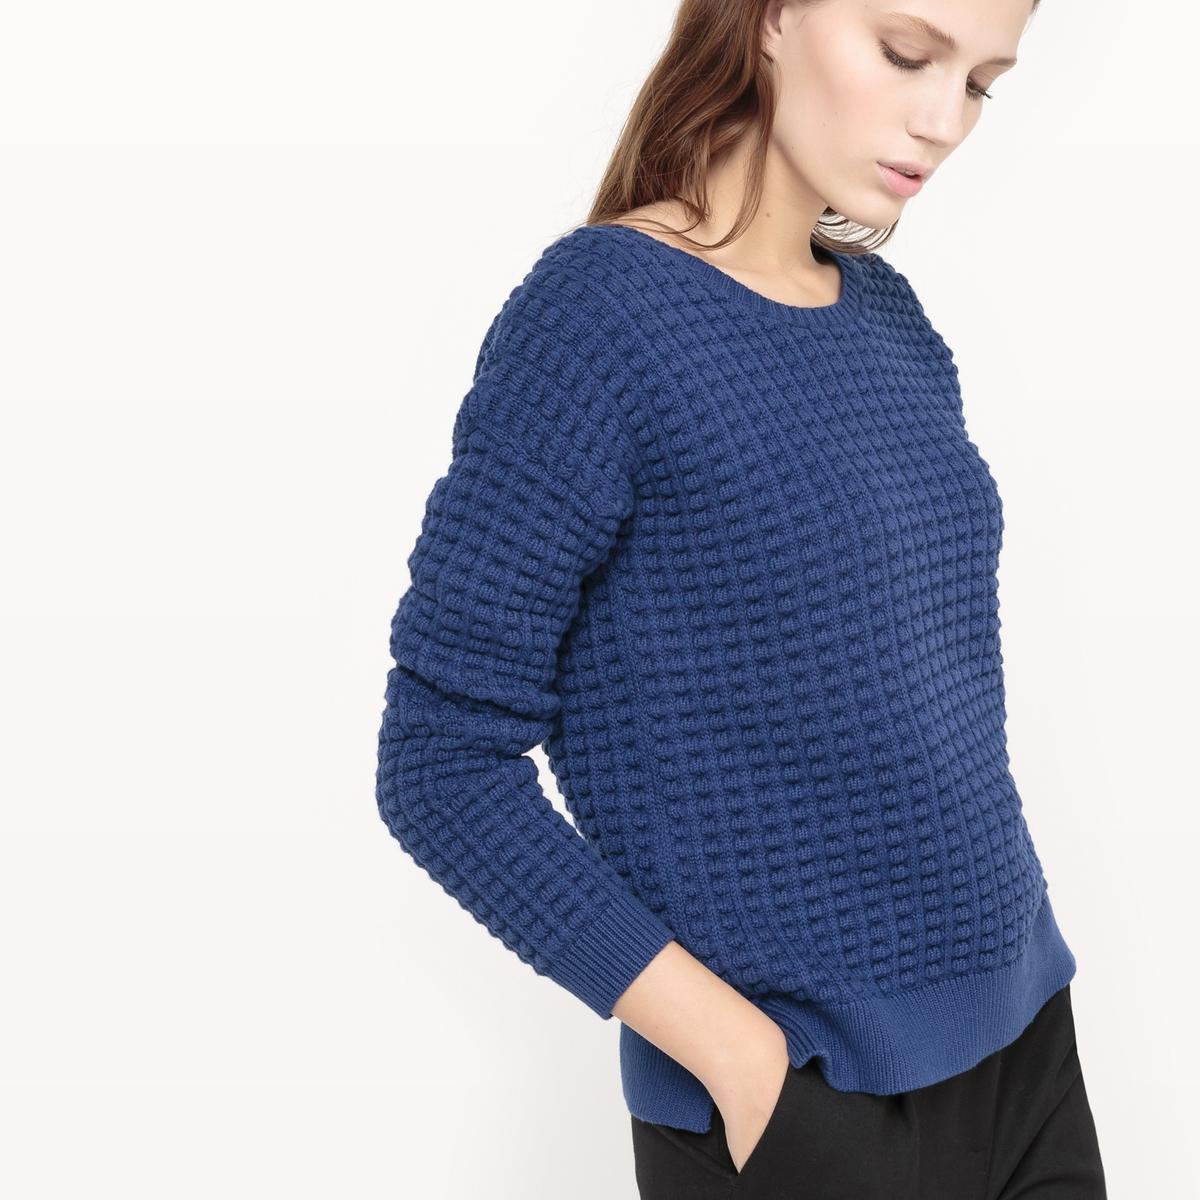 Пуловер хлопковый, вязаный трикотажВязаный хлопковый пуловер French Connection.Красивый трикотаж и модный покрой: Изысканный очаровательный пуловер!  Состав и описание : Материал : 100% хлопка.Марка : French Connection<br><br>Цвет: кремовый,синий